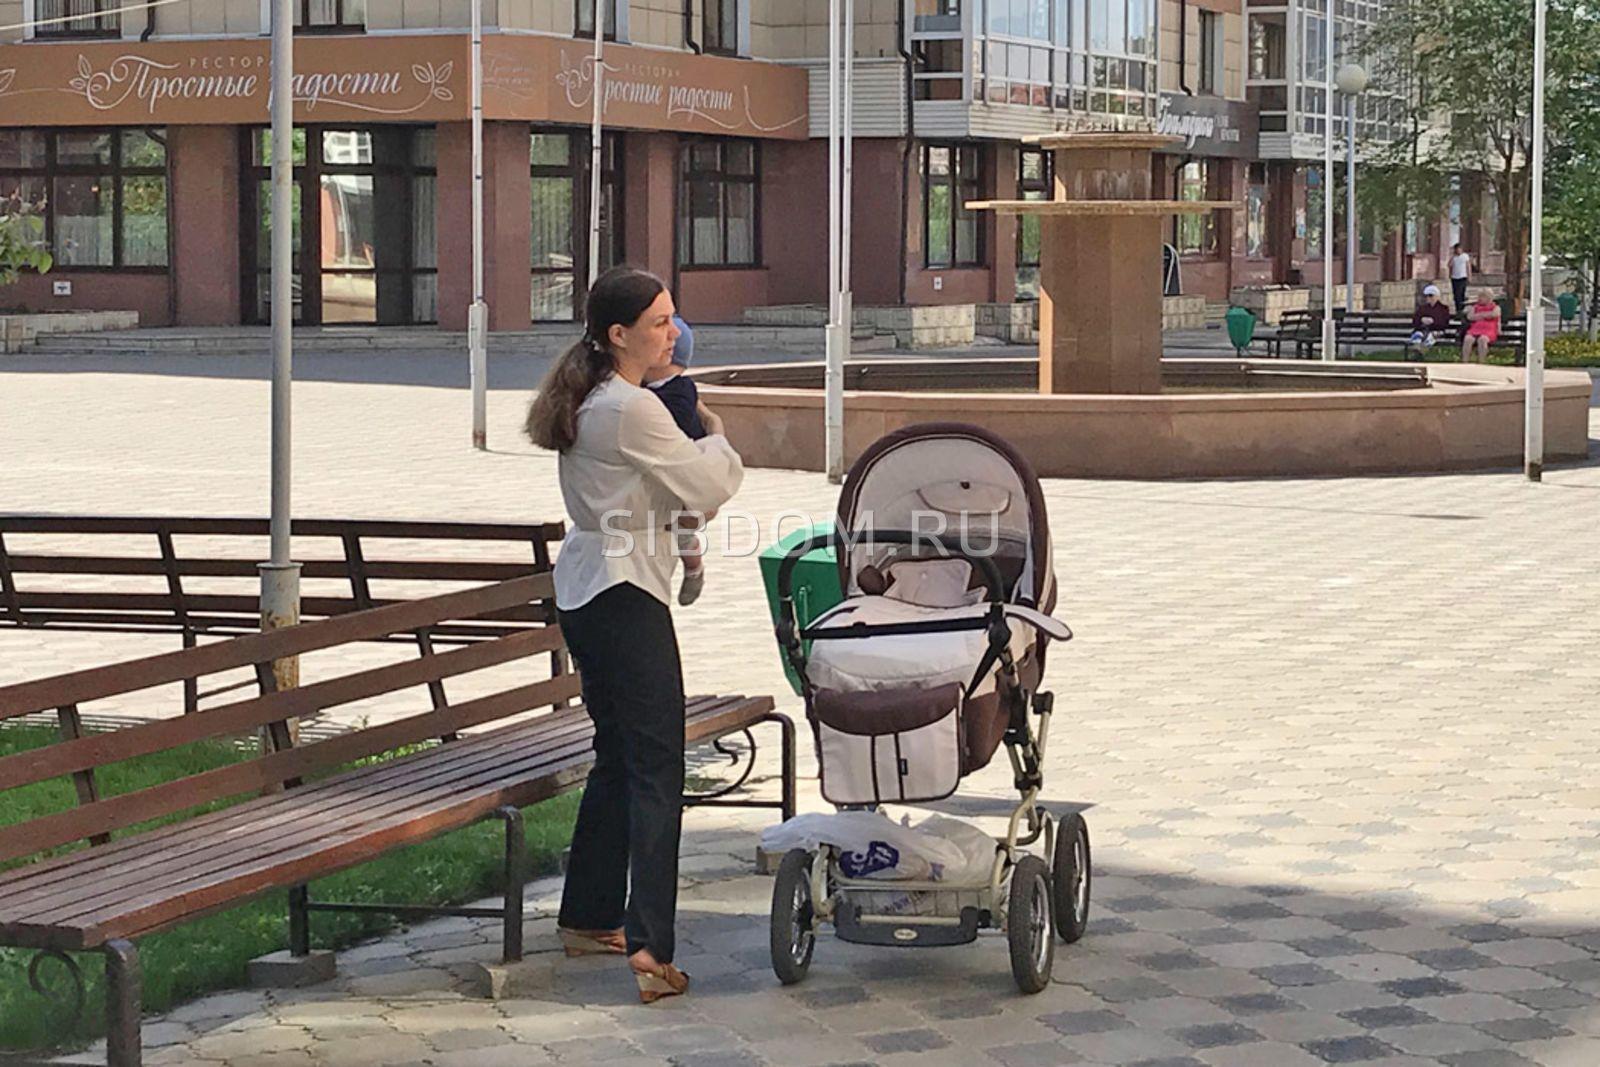 Материнский капитал за 2 ребенка в 2020 году составит 616 тысяч рублей